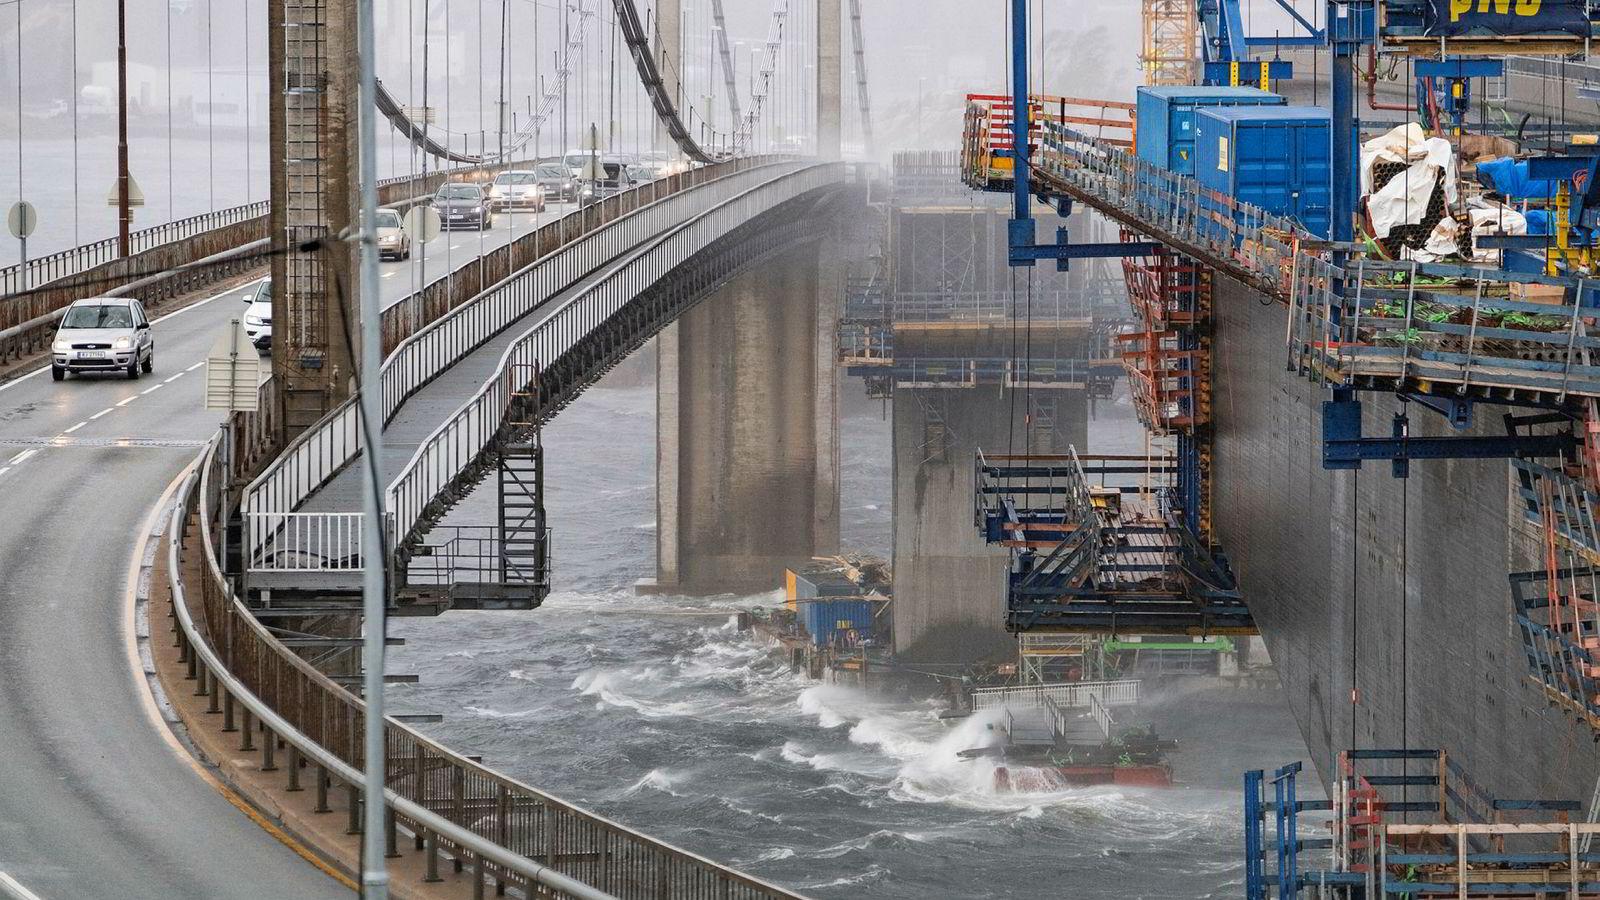 Elbiler kan snart måtte betale bompenger i Kristiansand. Bildet viser den nåværende Varoddbroa, og den nye som er under bygging.